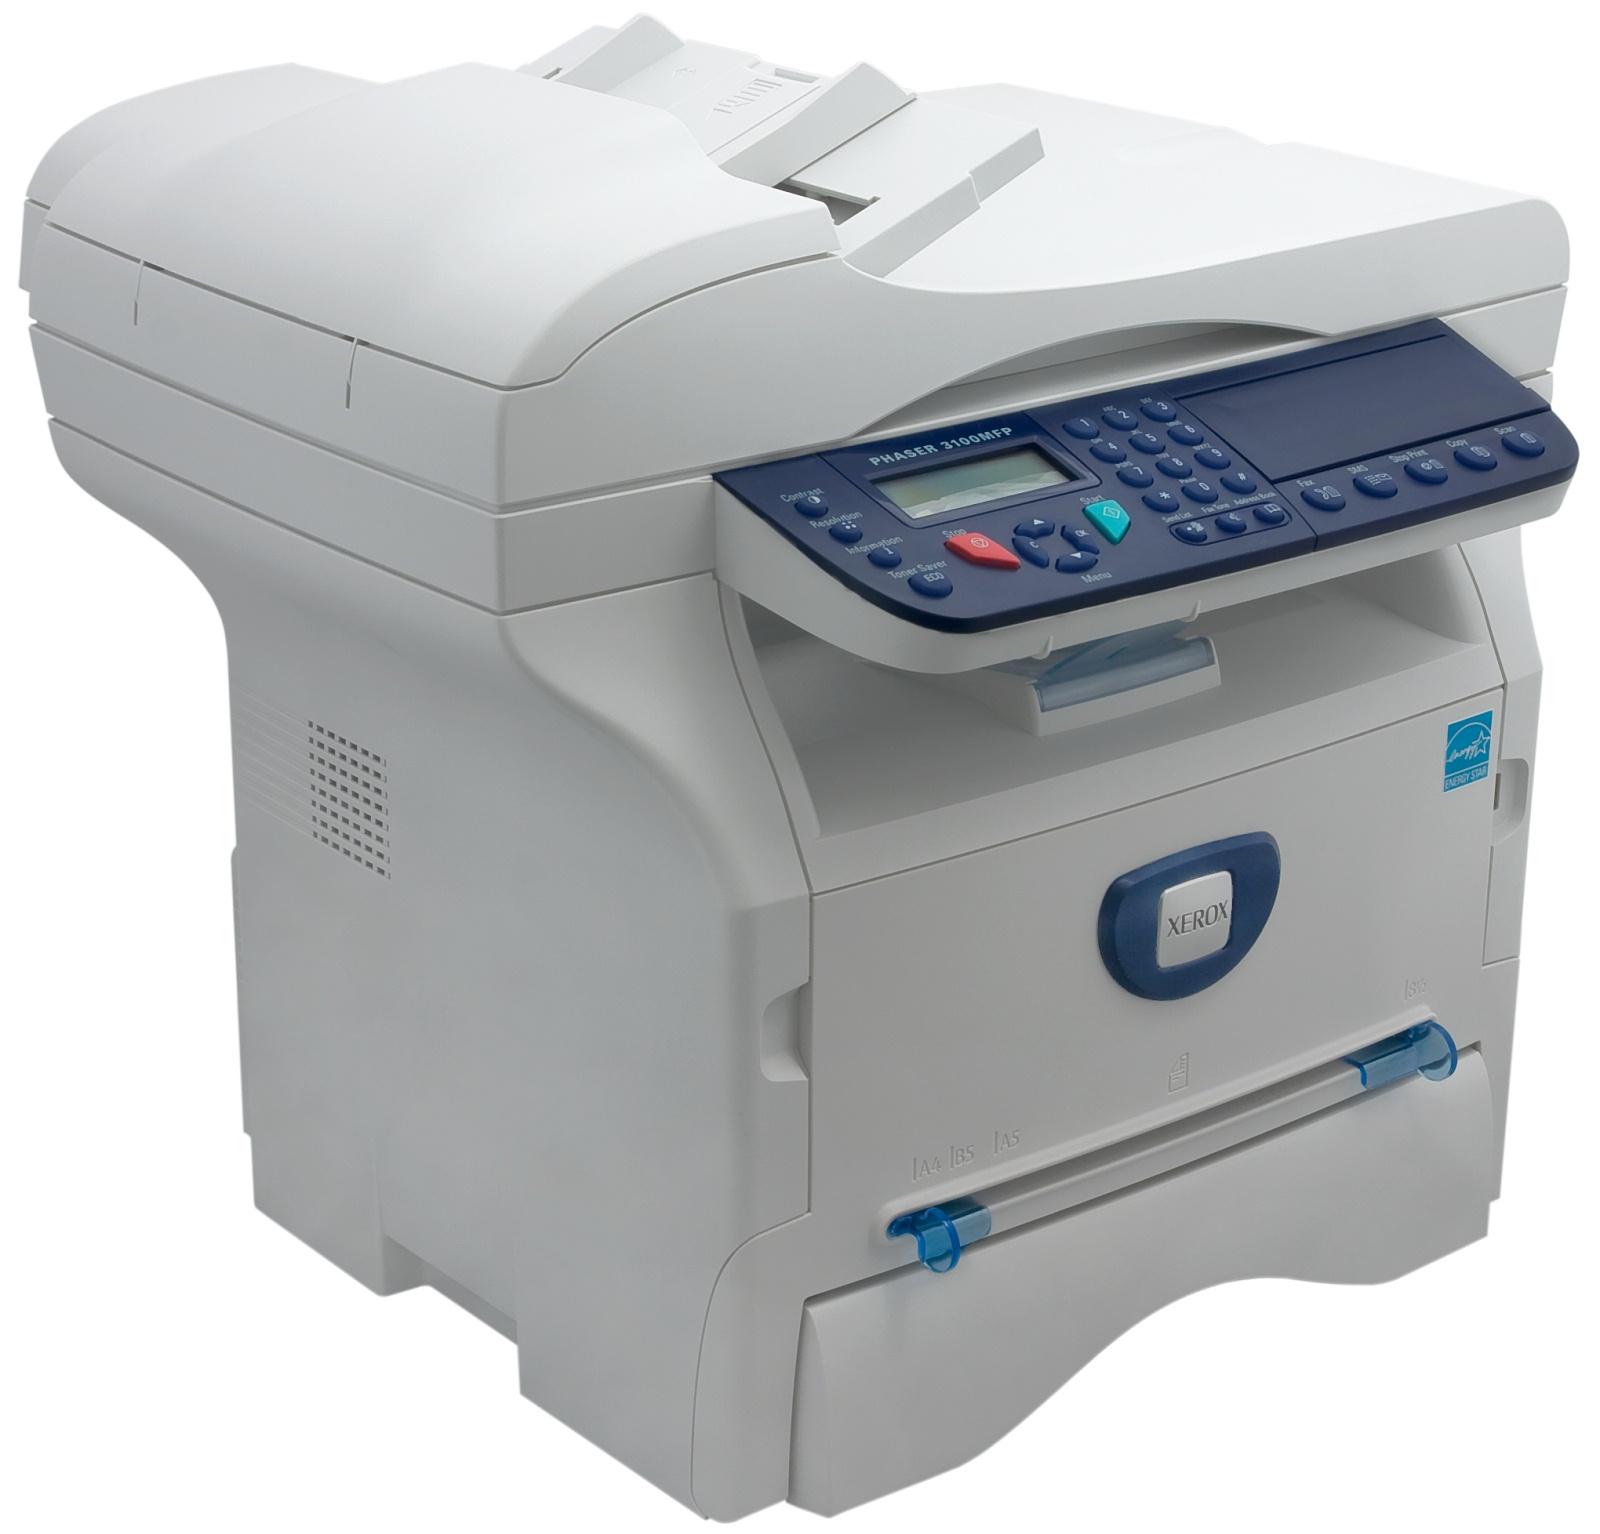 скачать драйвер на принтер xerox 3160 n